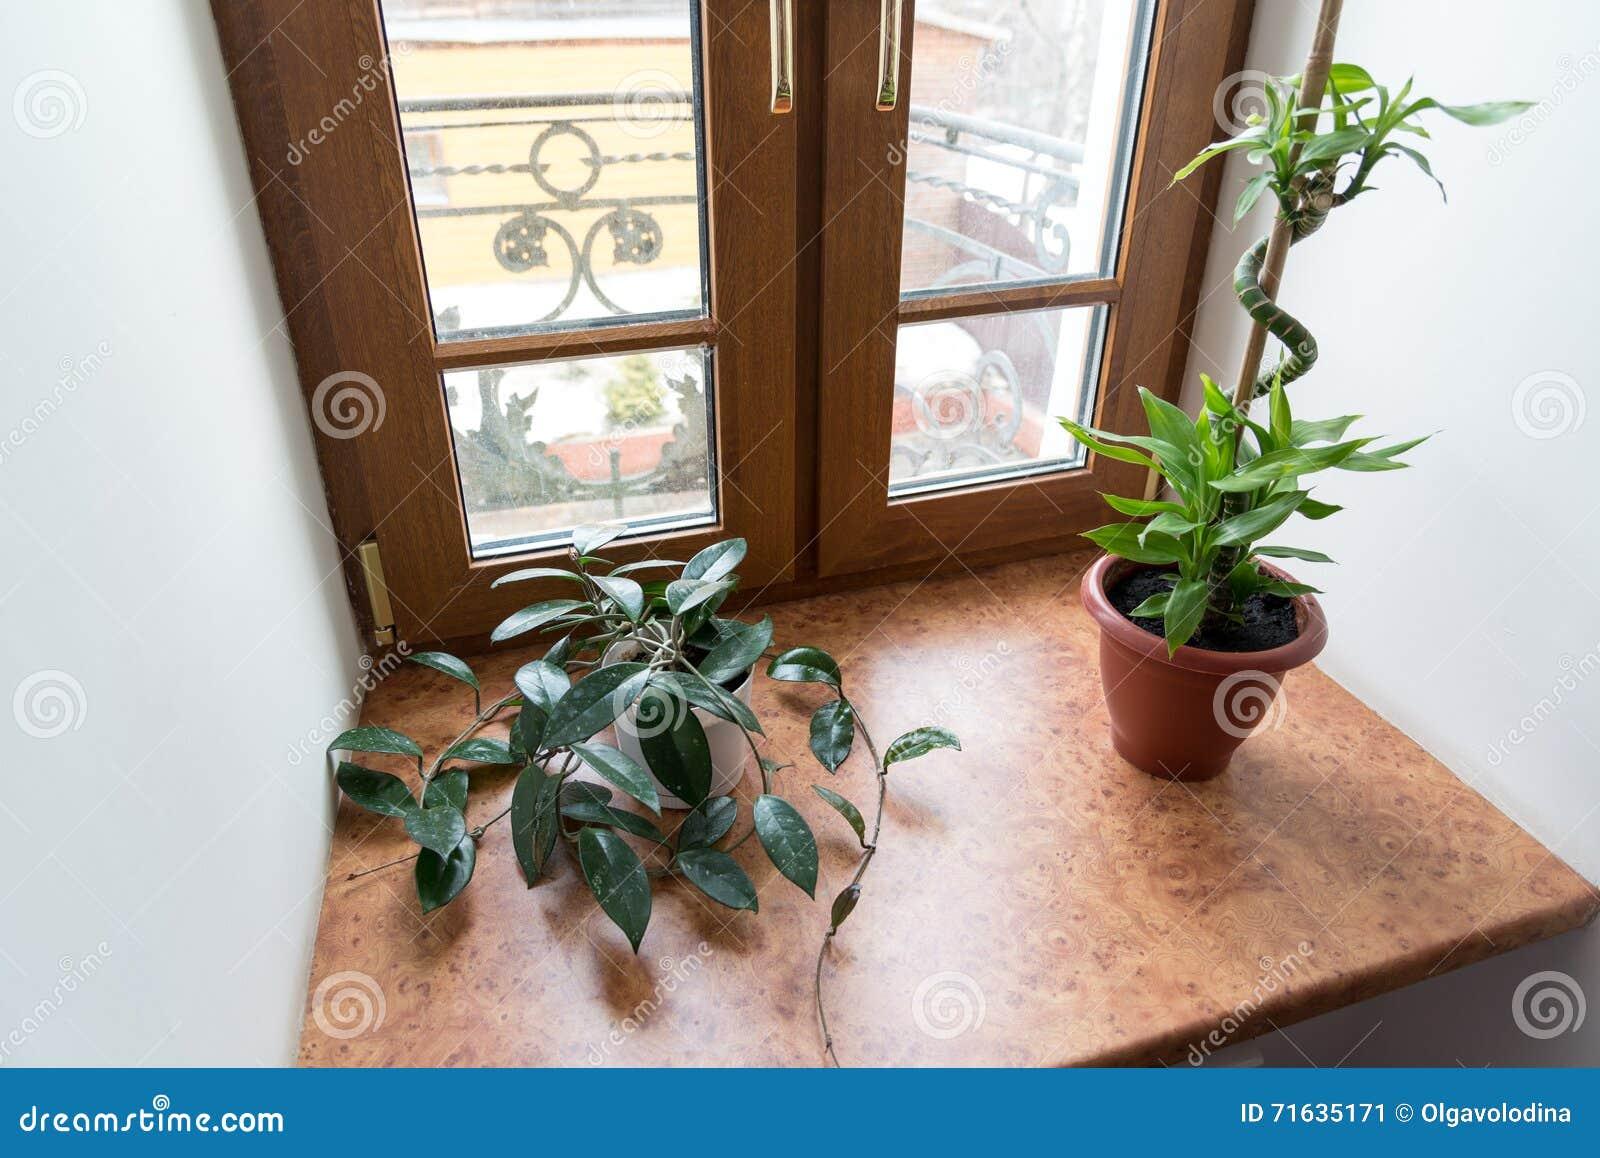 Inomhus Växter I Krukor På Fönsterbräda Arkivfoto - Bild: 71635171